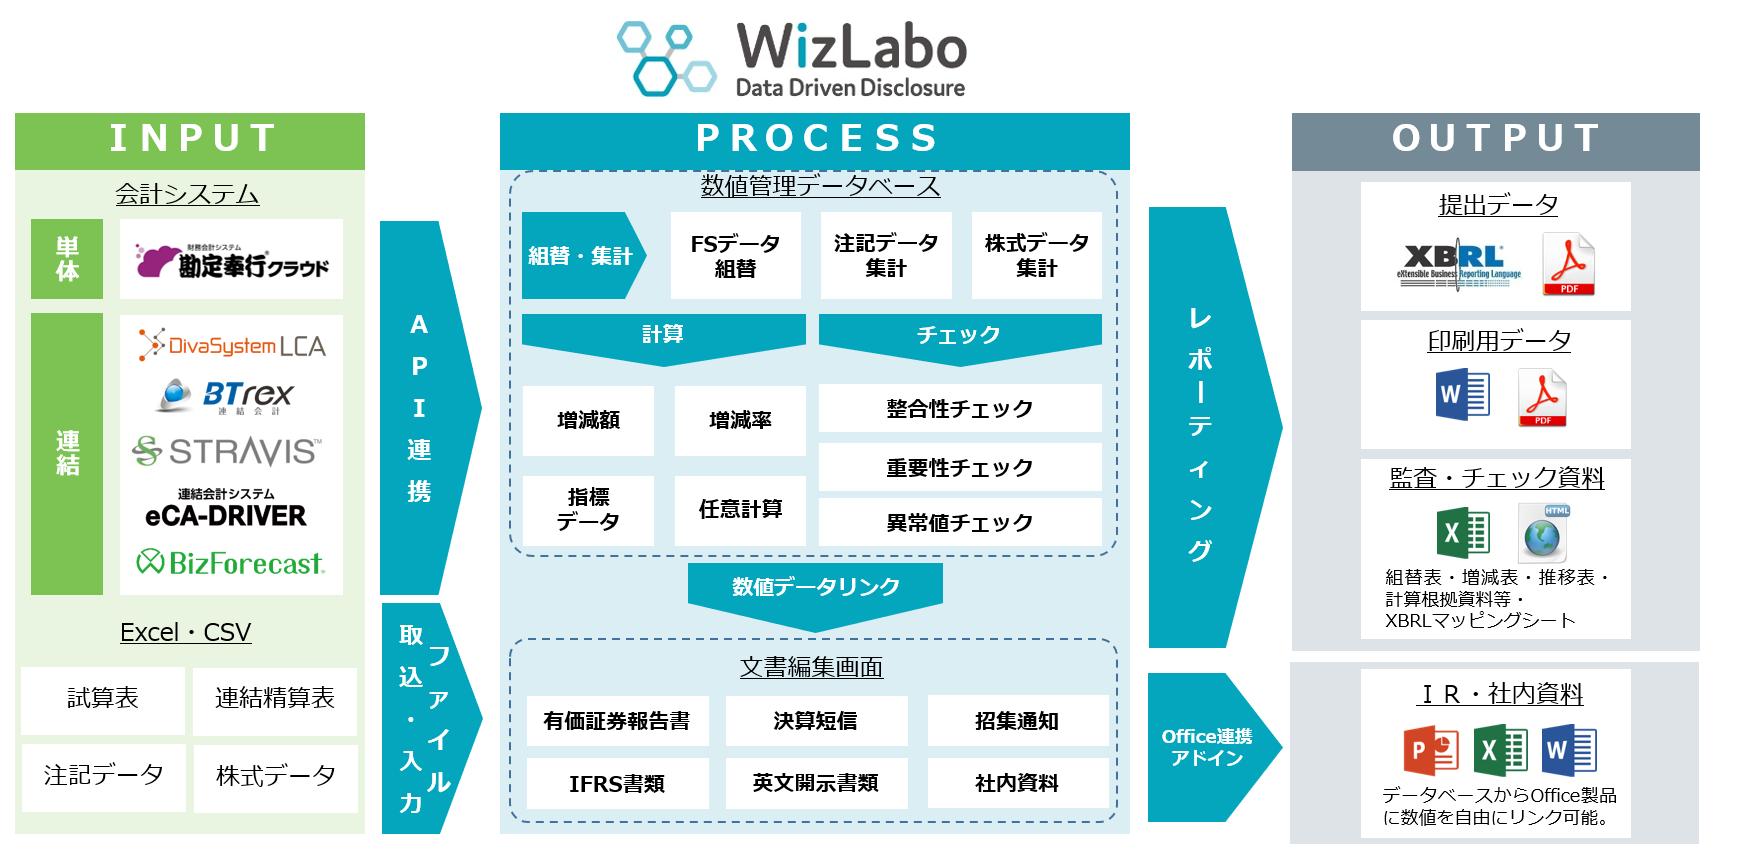 開示書類作成支援システム「WizLabo」を利用した開示の流れ(宝印刷作成)